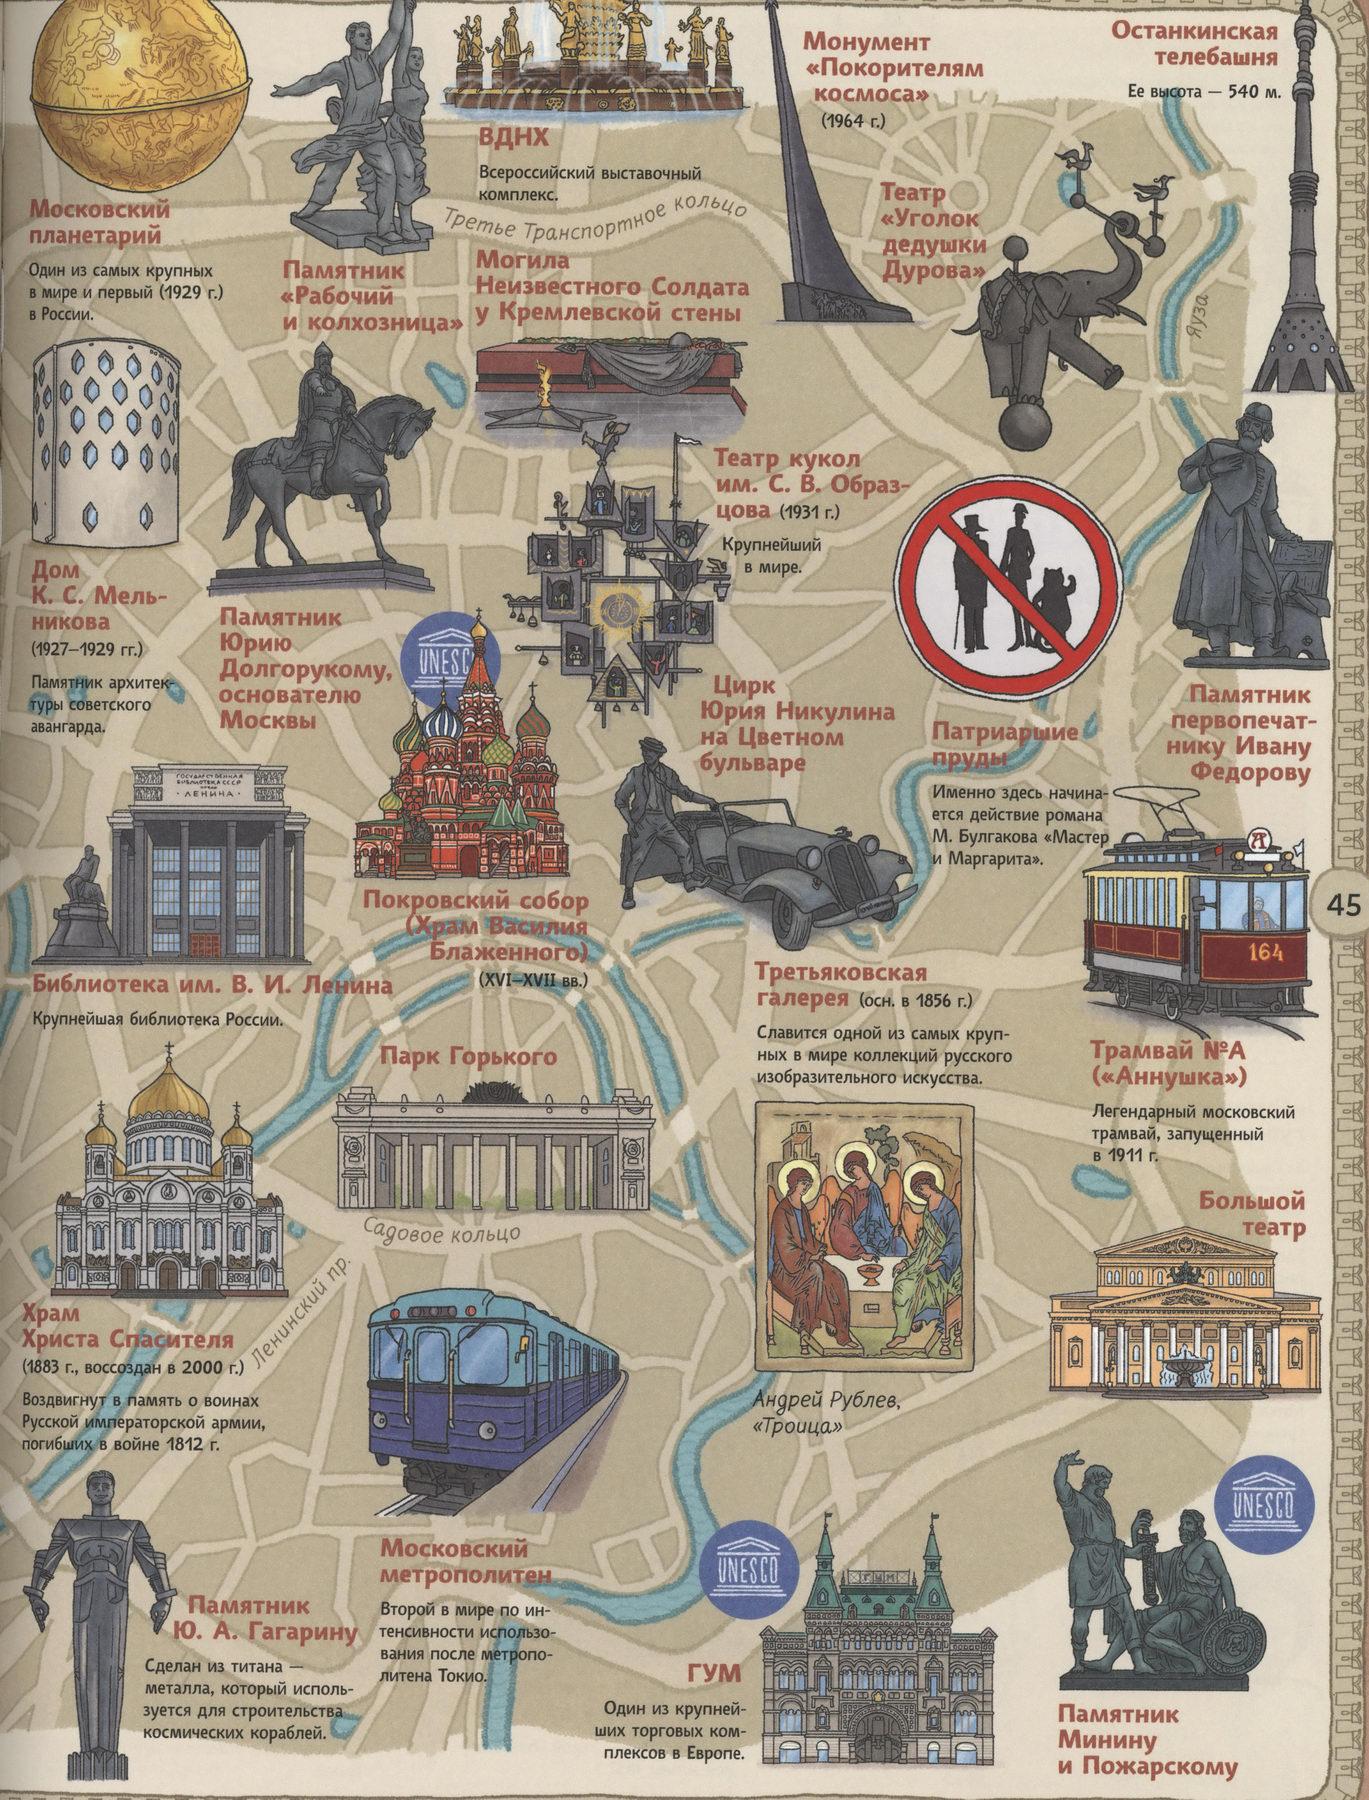 карта москвы и подмосковья с городами и поселками